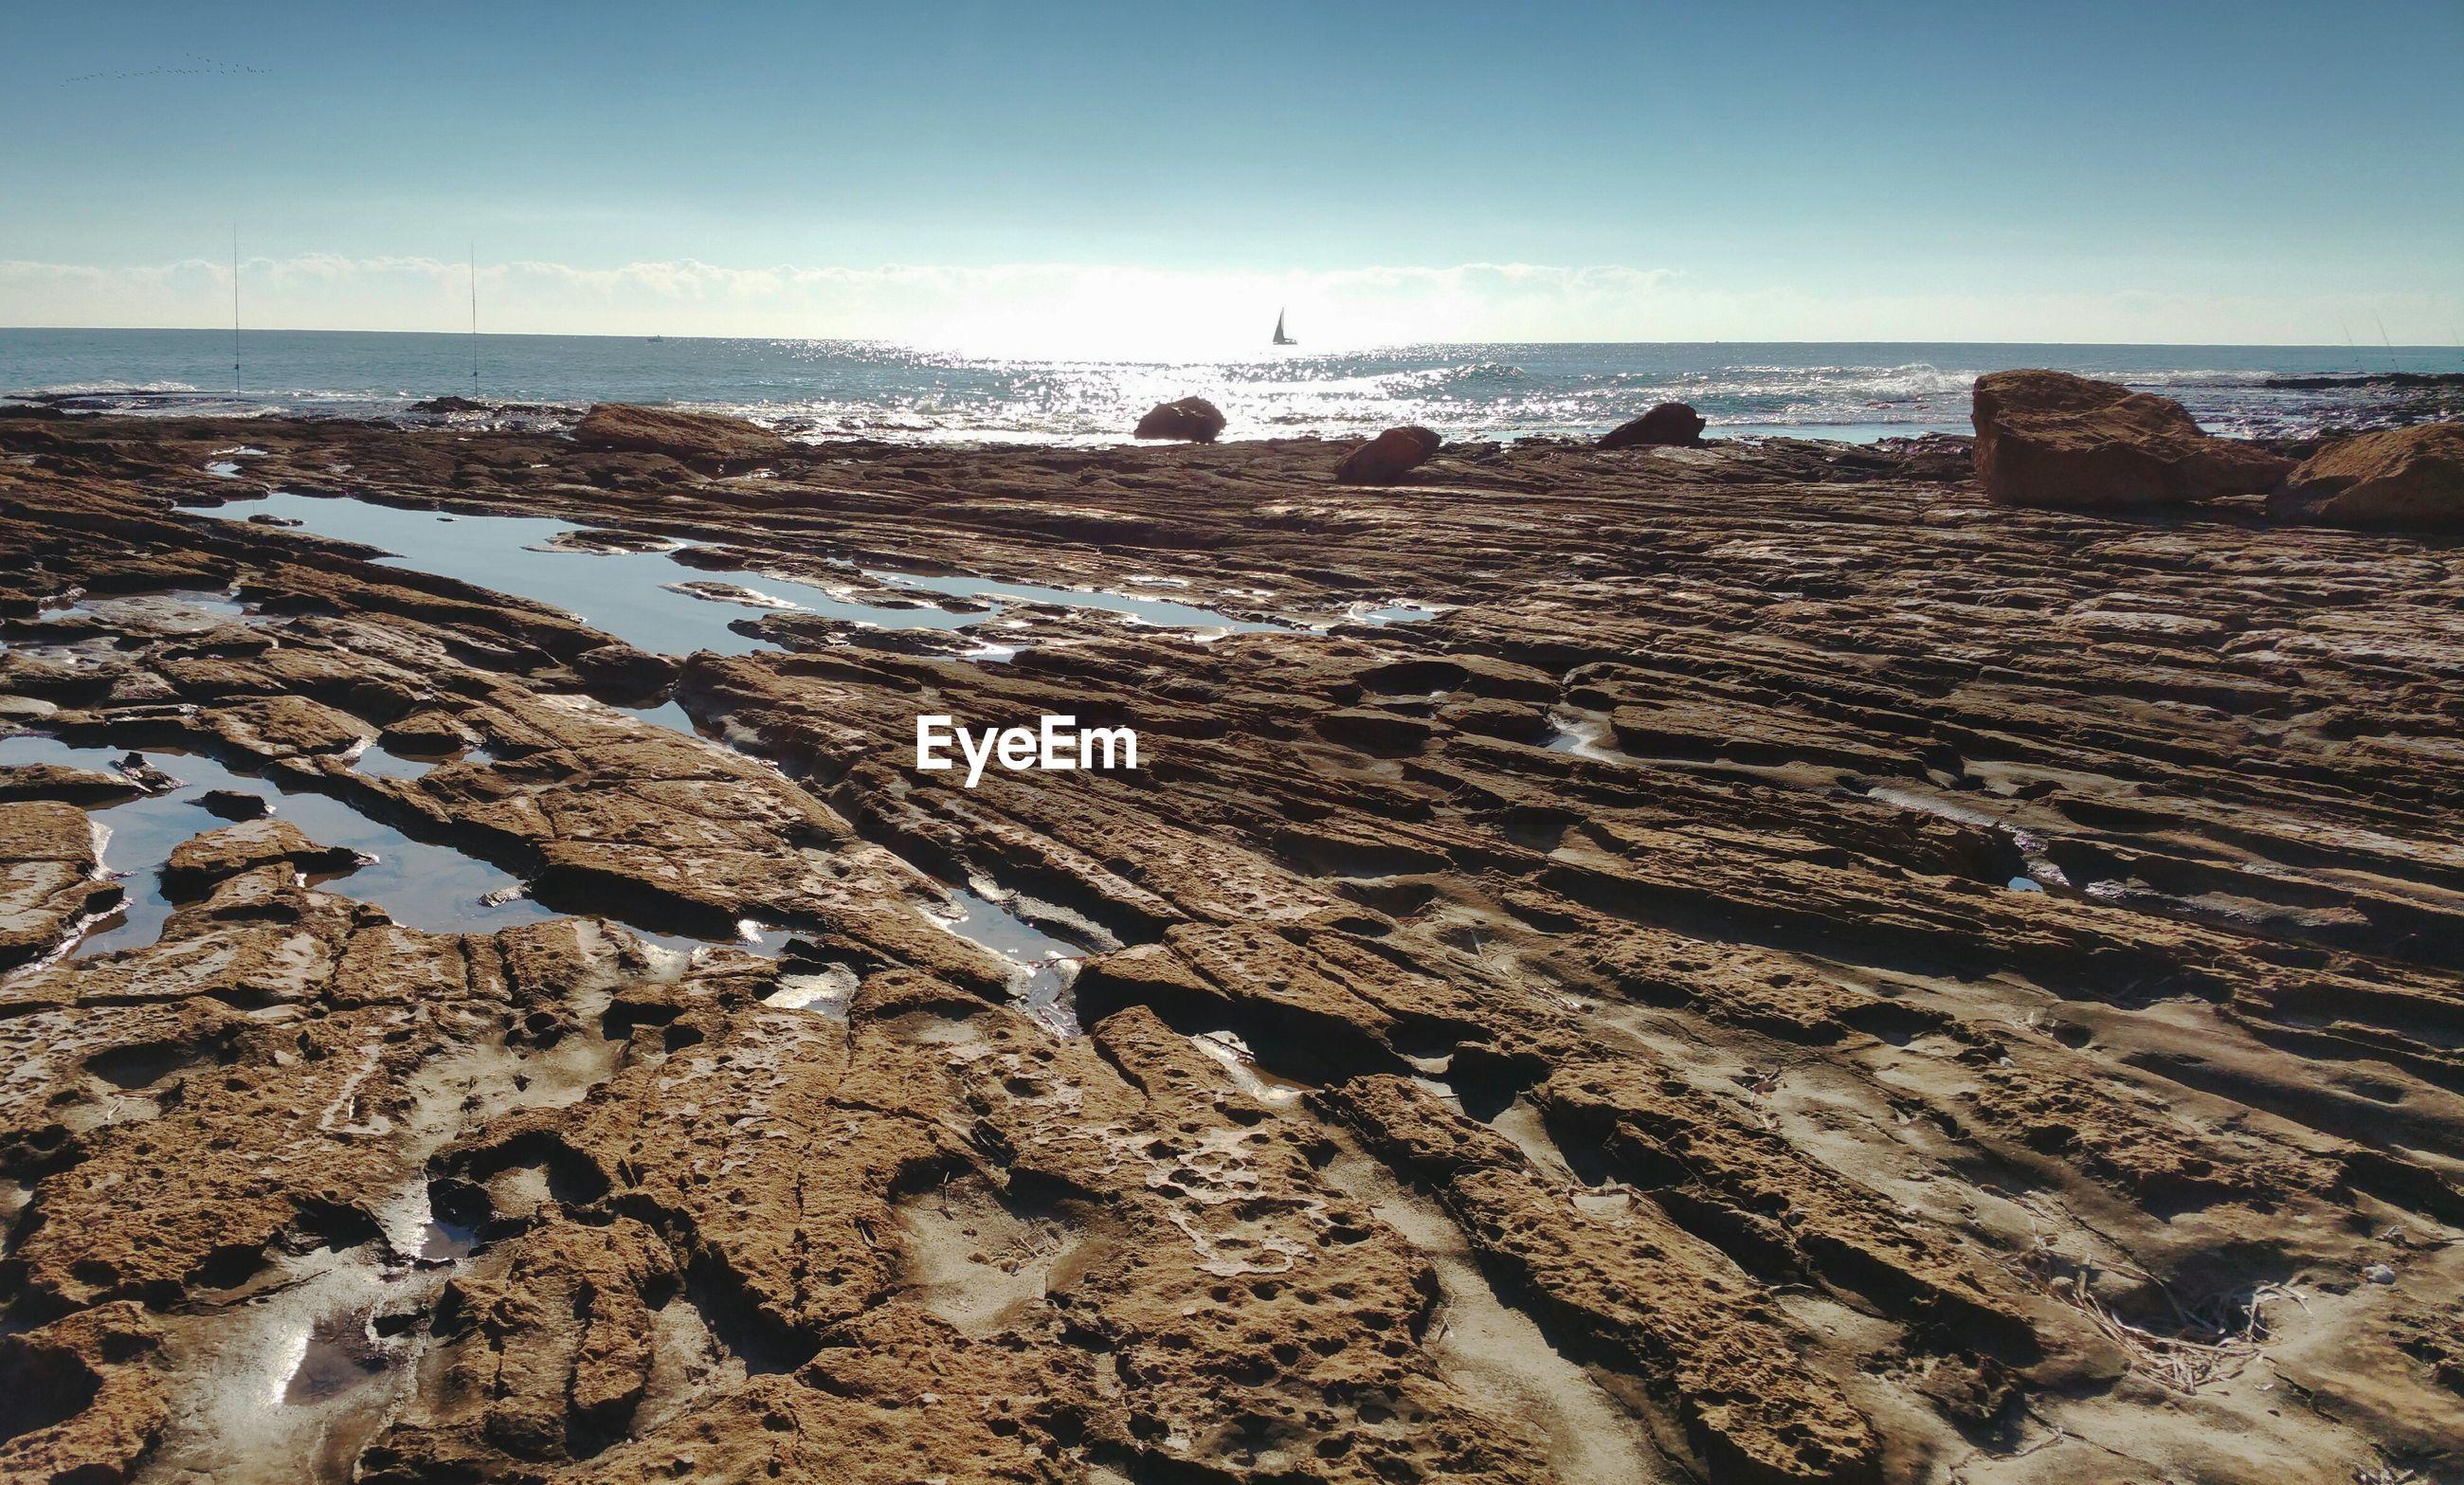 View of rocky sea shore